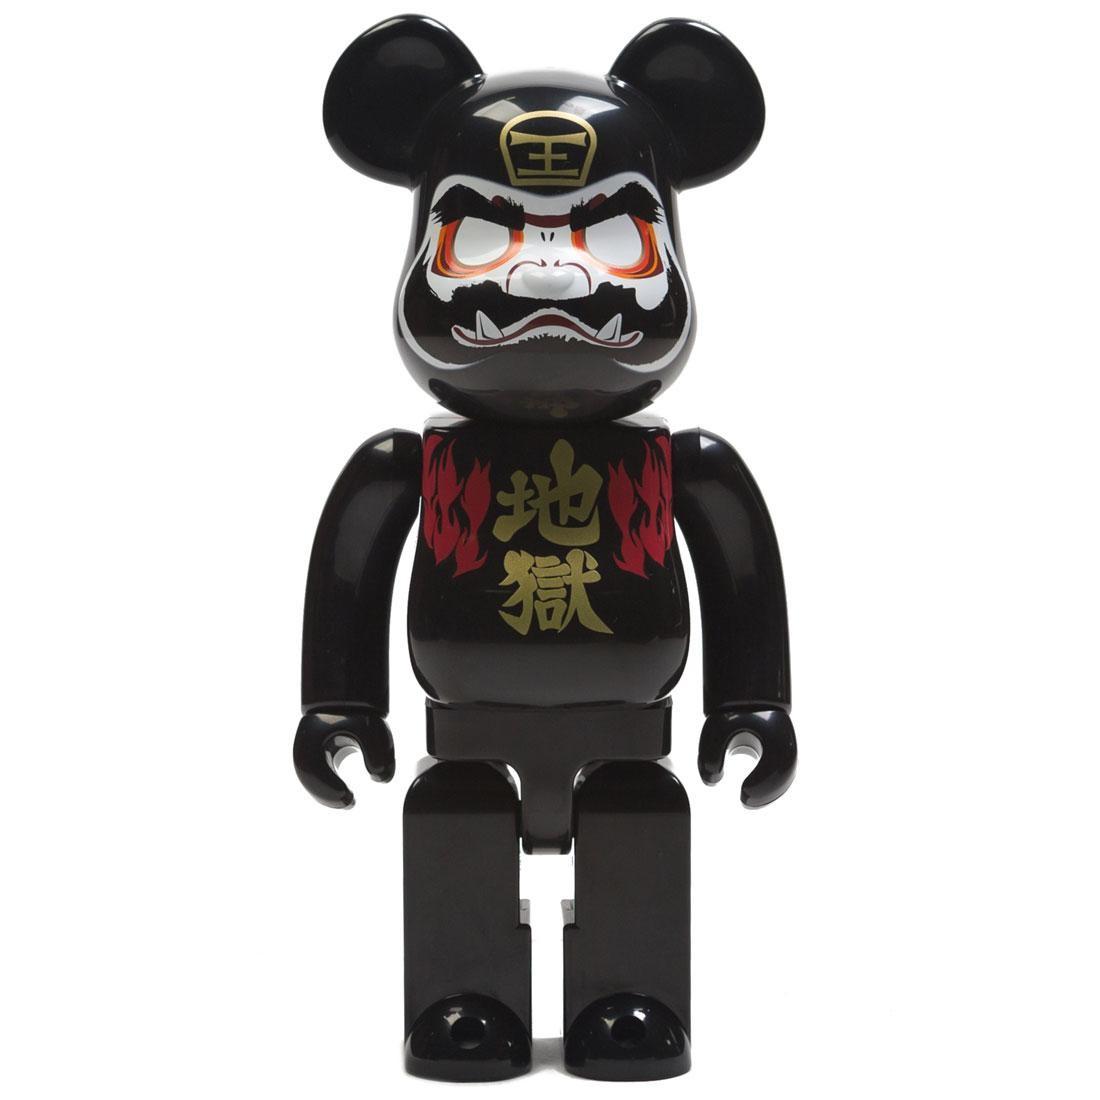 Medicom Sick Spec Saga Hell Daruma 400% Bearbrick Figure (black)